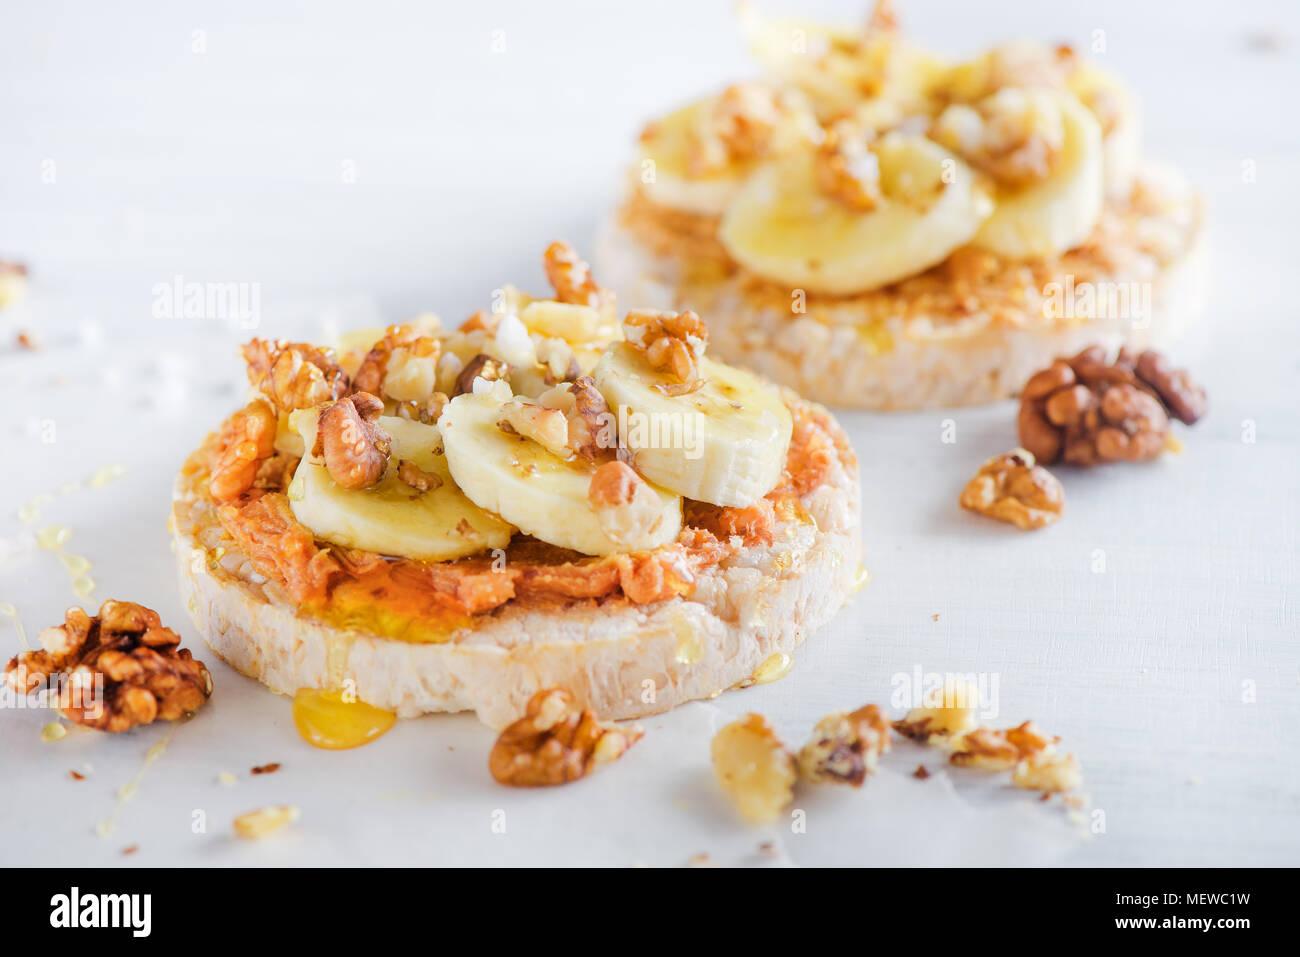 Pane croccante di banana e burro di arachidi snack. Sana colazione con noci e miele. Tasto alto concetto di dieta. Immagini Stock